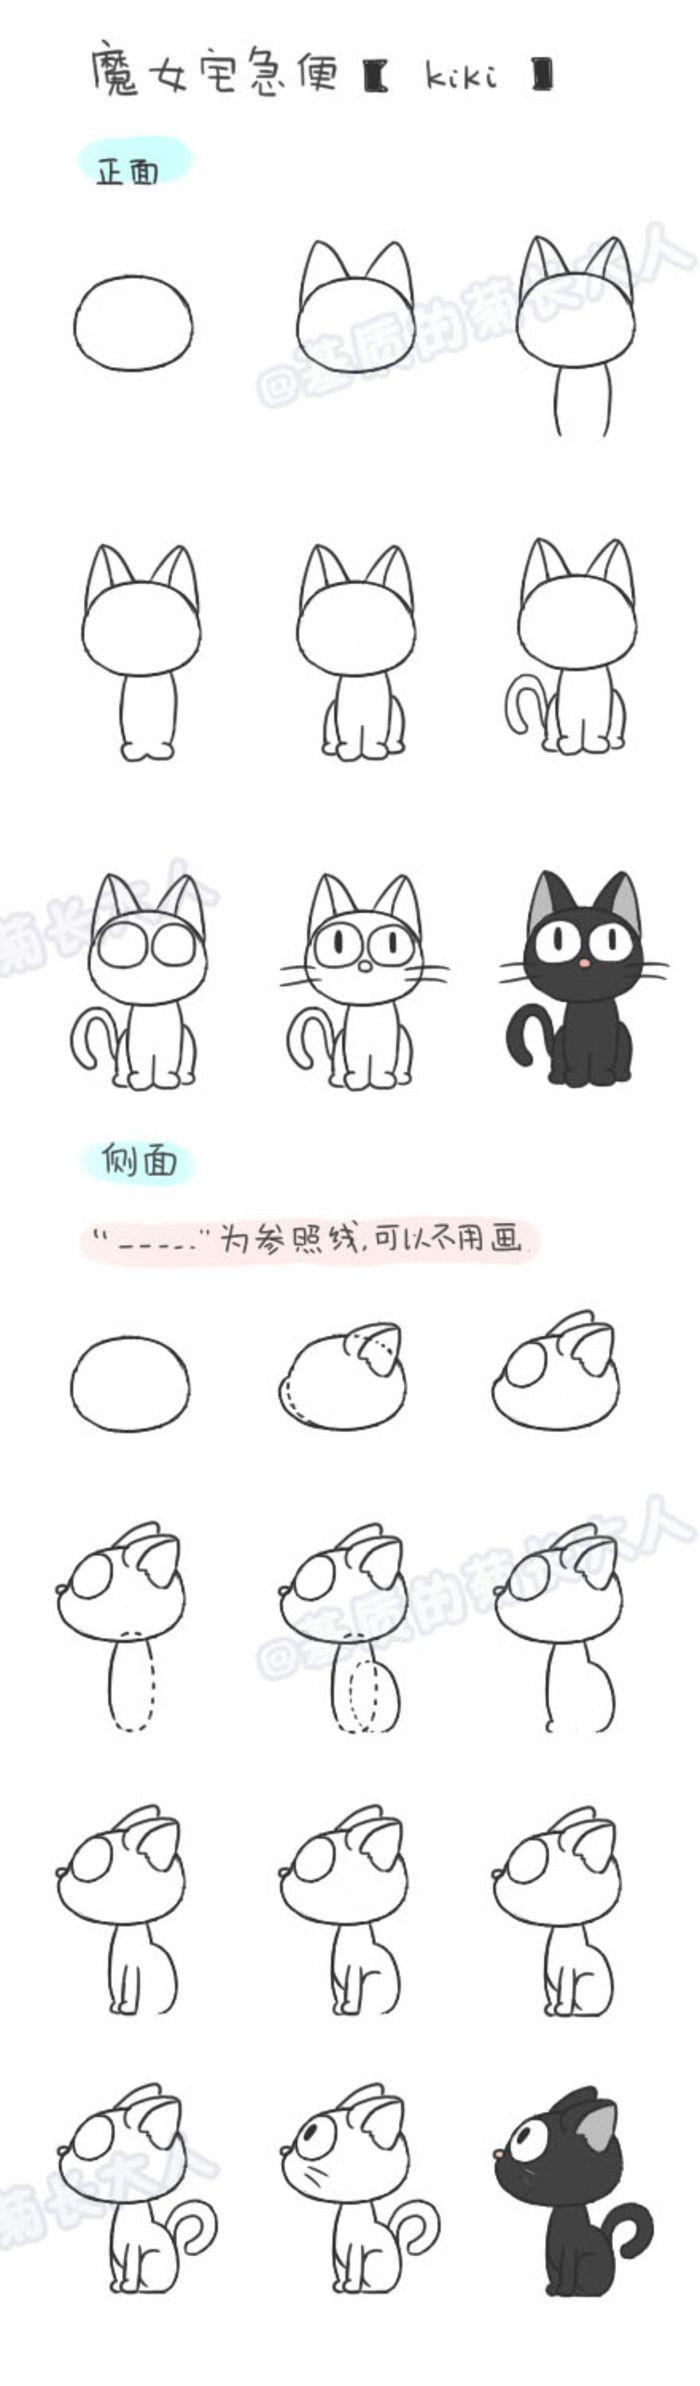 Comment Dessiner Un Chat Kawaii Kiki Cat 如何画 魔女宅急便 Kiki